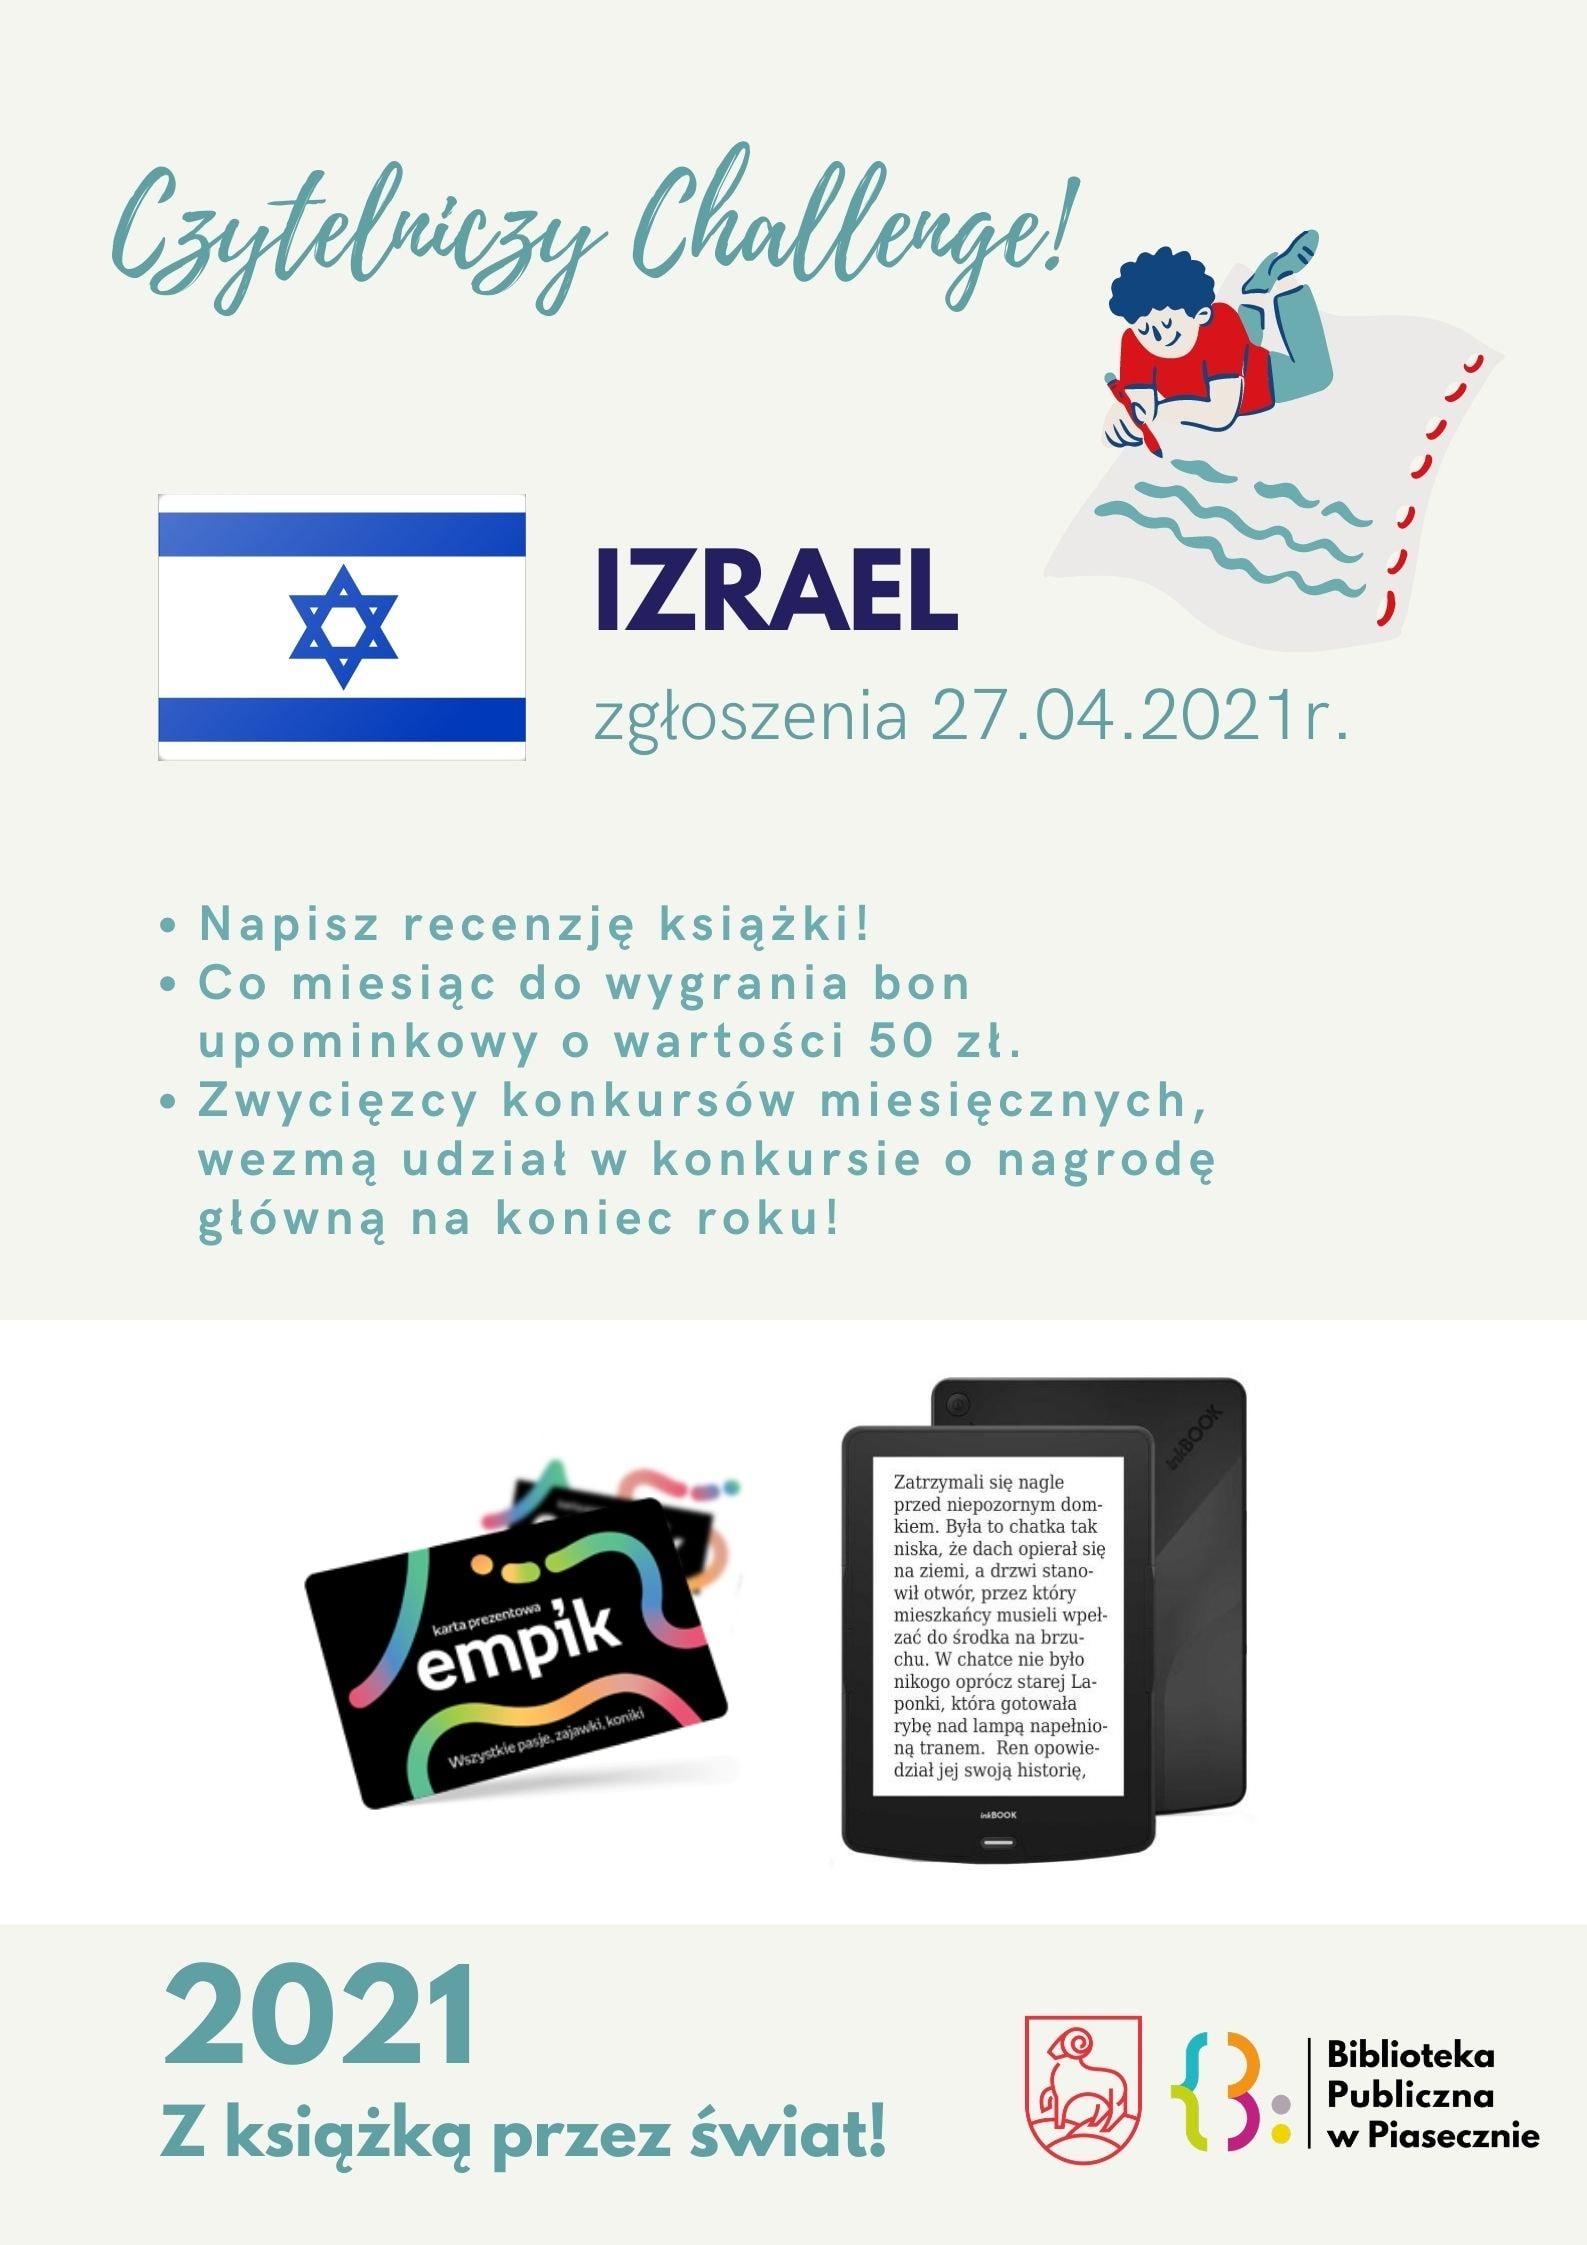 Czytelniczy Challenge Izrael